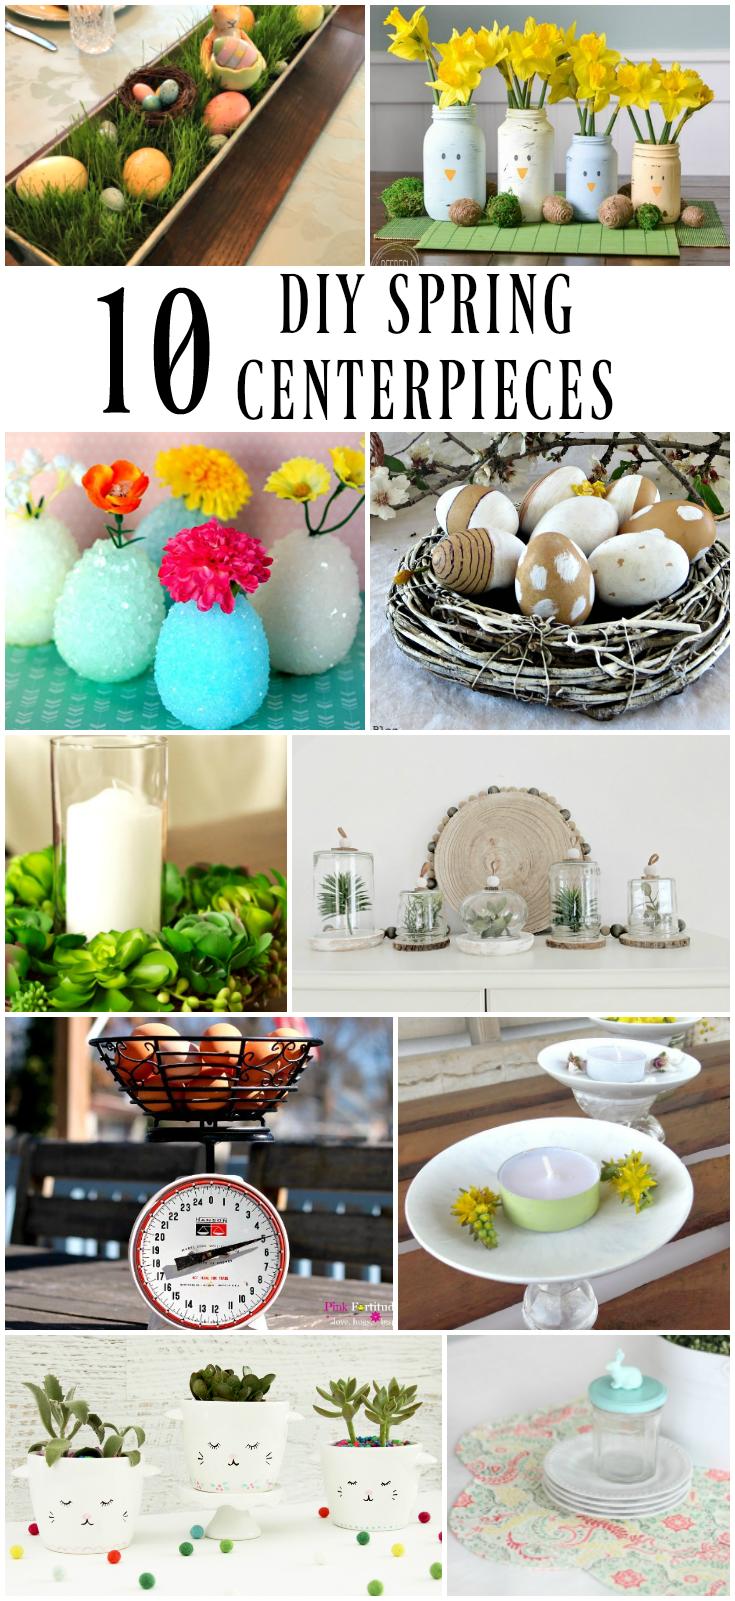 10 DIY Spring Centerpieces to brighten any spring decor table